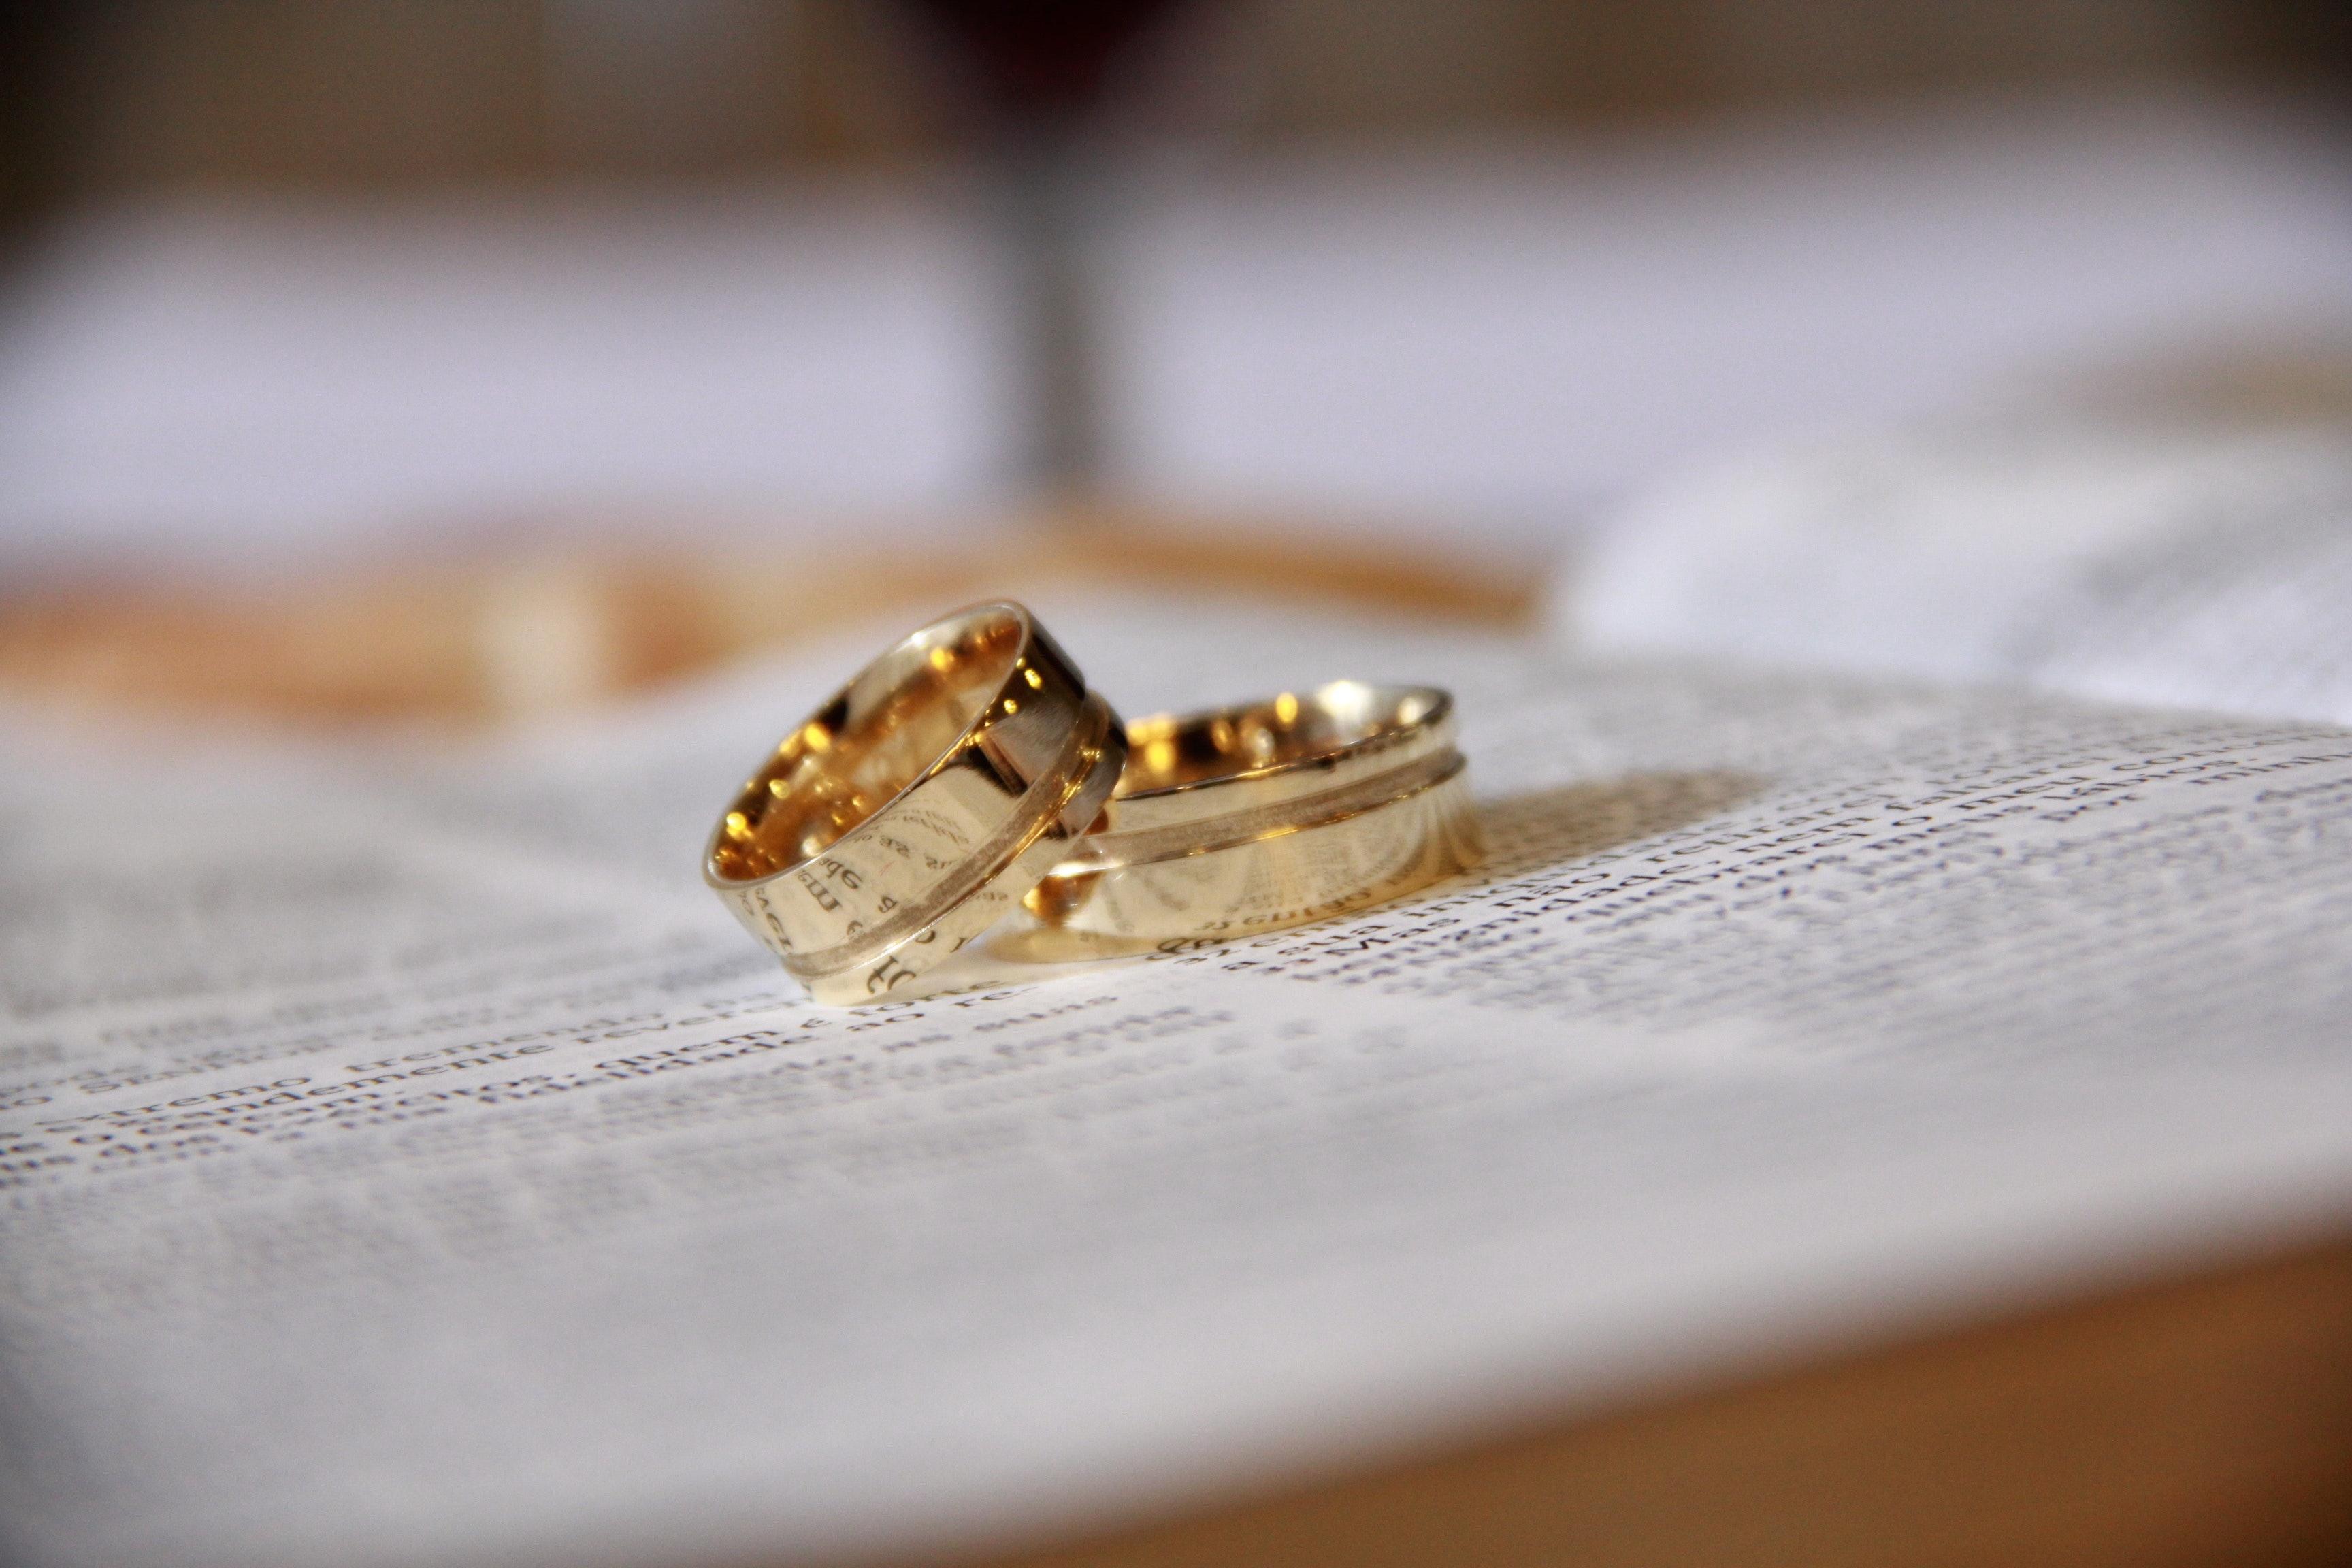 Matrimony Services